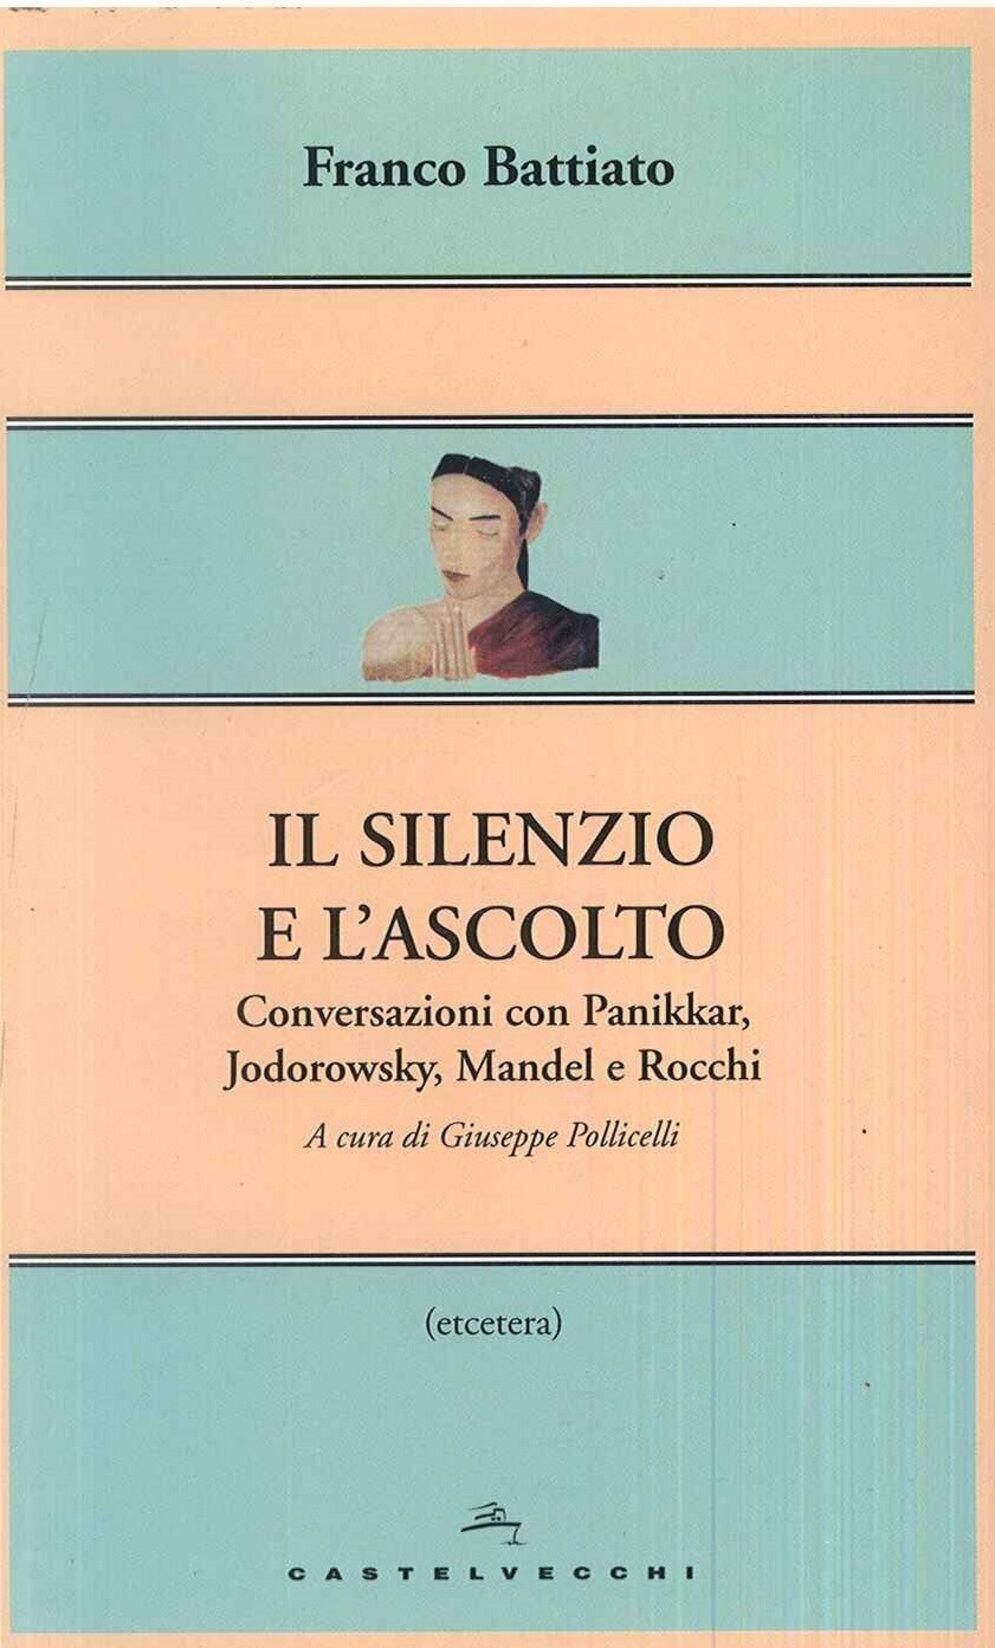 Il silenzio e l'ascolto. Conversazioni con Panikkar, Jodorowsky, Mandel e Rocchi